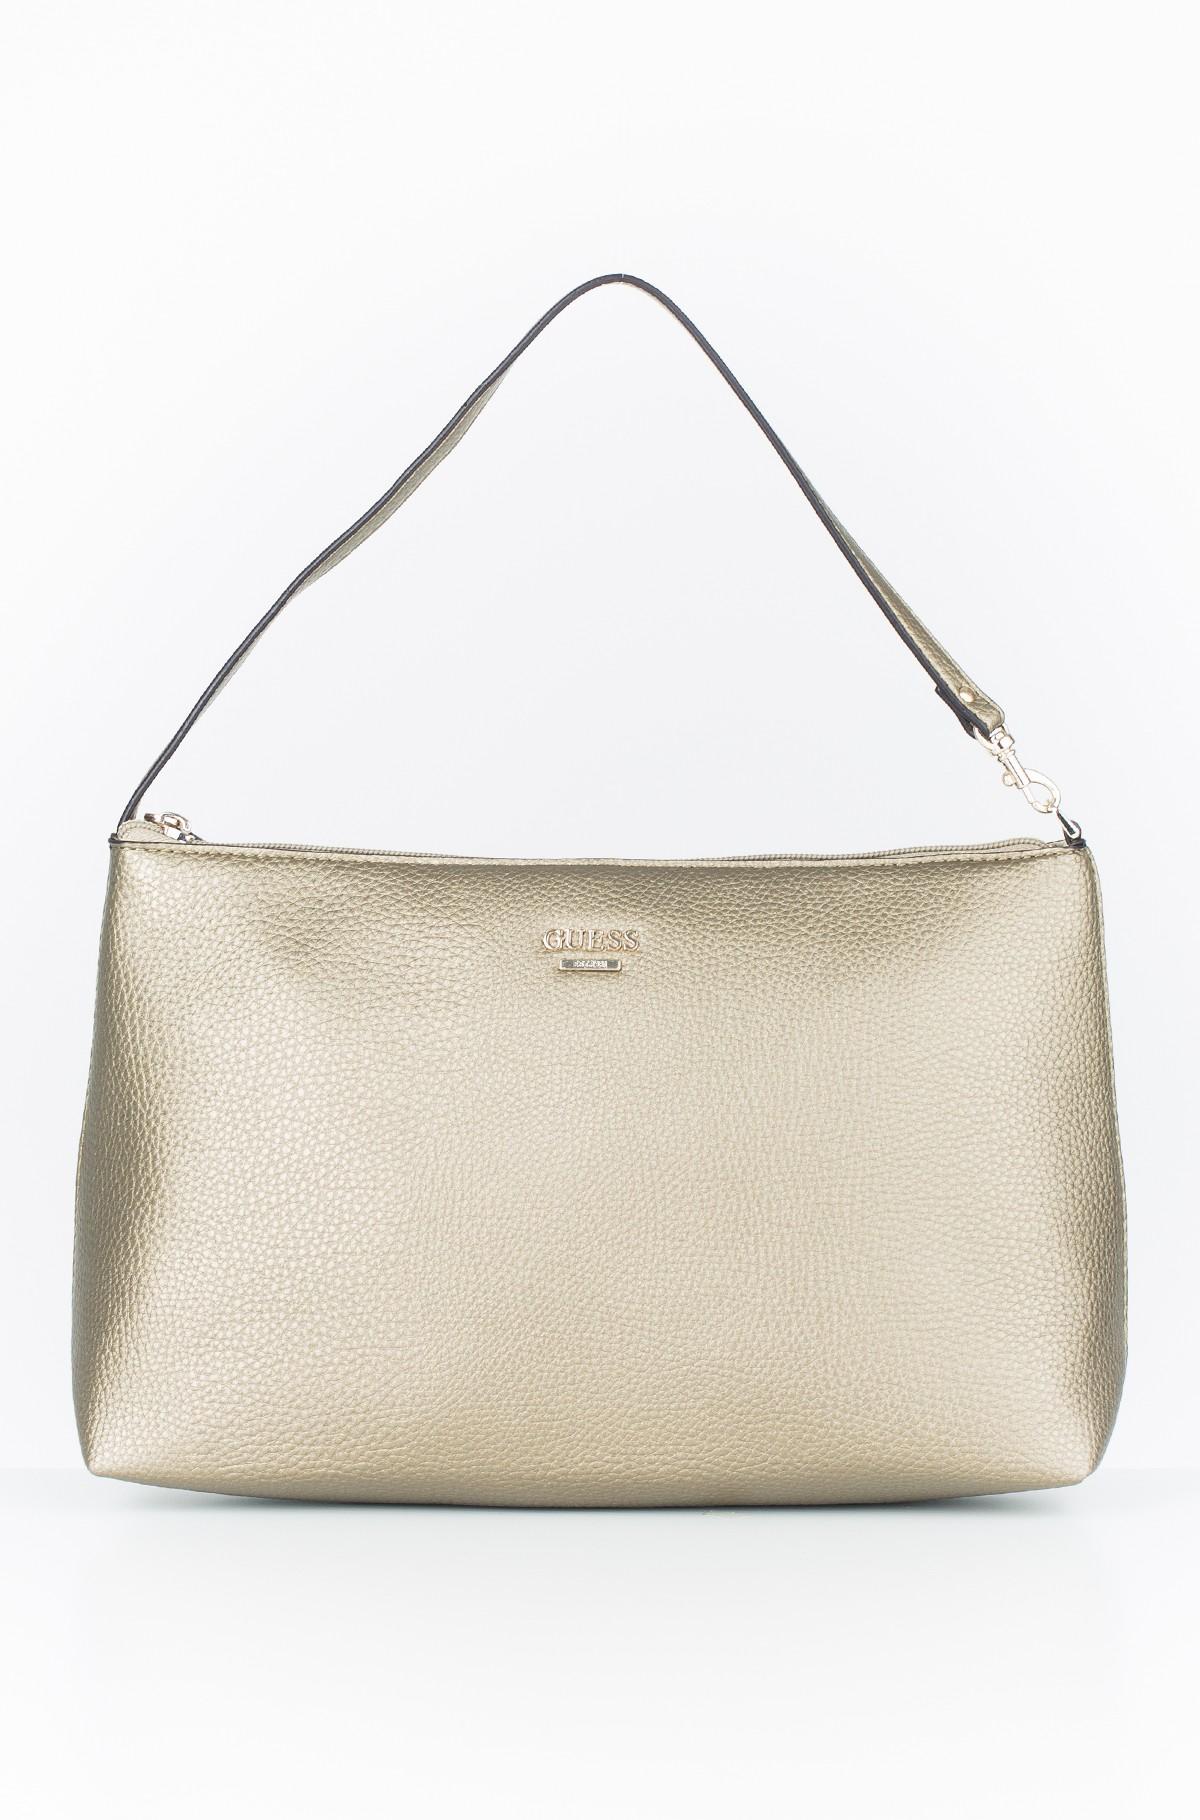 Handbag HWFL64 22150-full-4